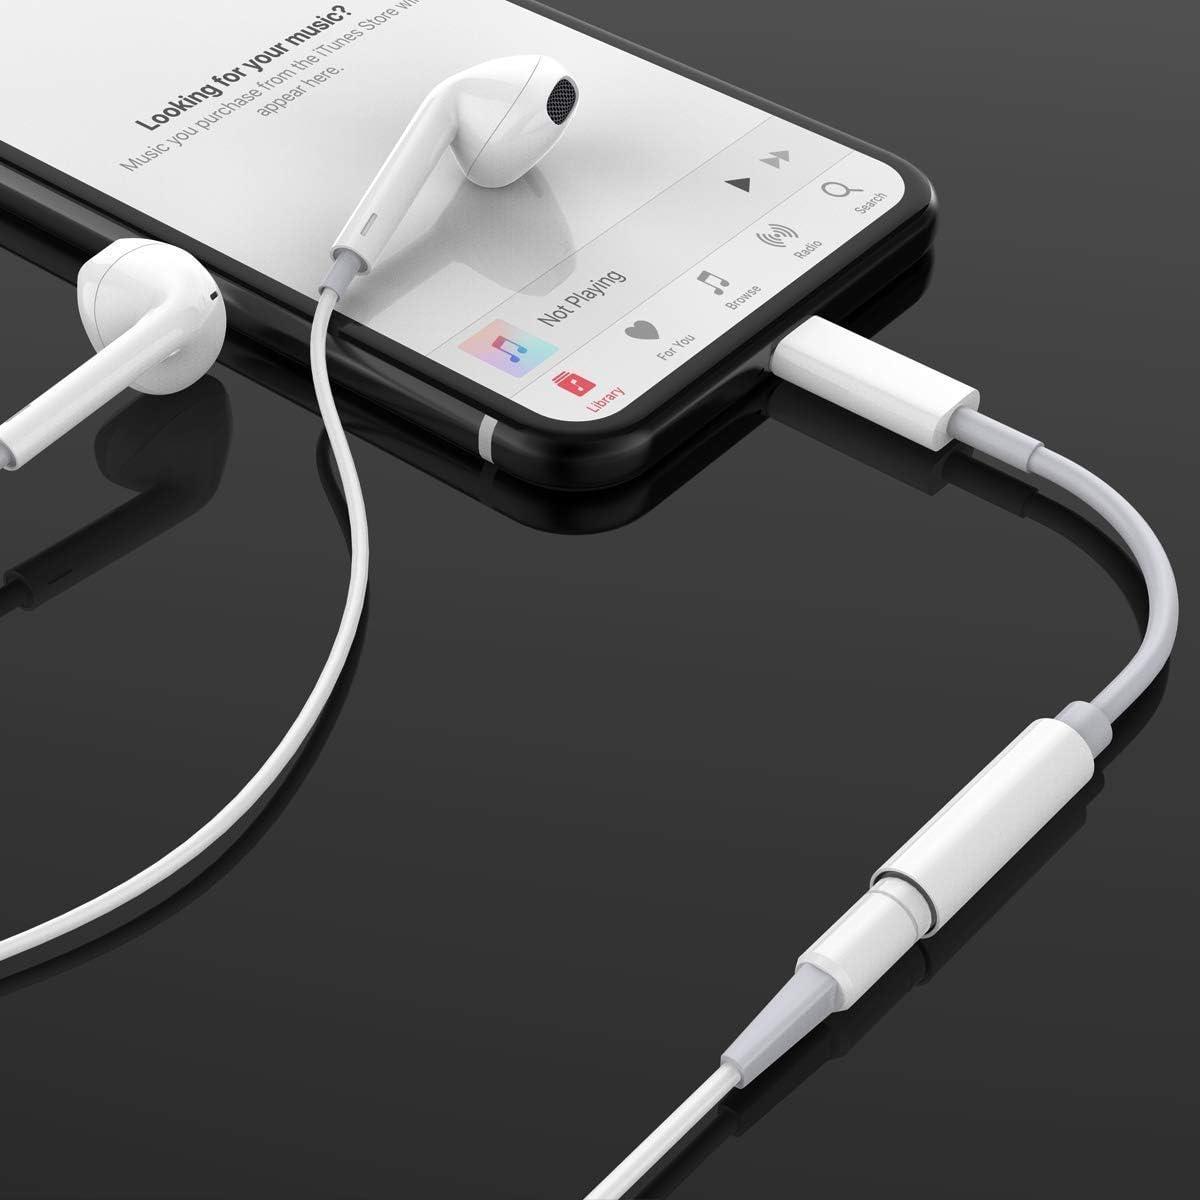 8//8 Plus X//XR 11Pro 7//7 Plus Convertisseur de St/ér/éo AUX Accessoires pour Tous iOS Adaptateur pour iPhone 11 Jack 3,5mm Adaptateur C/âble Audio Compatible avec iPhone 11